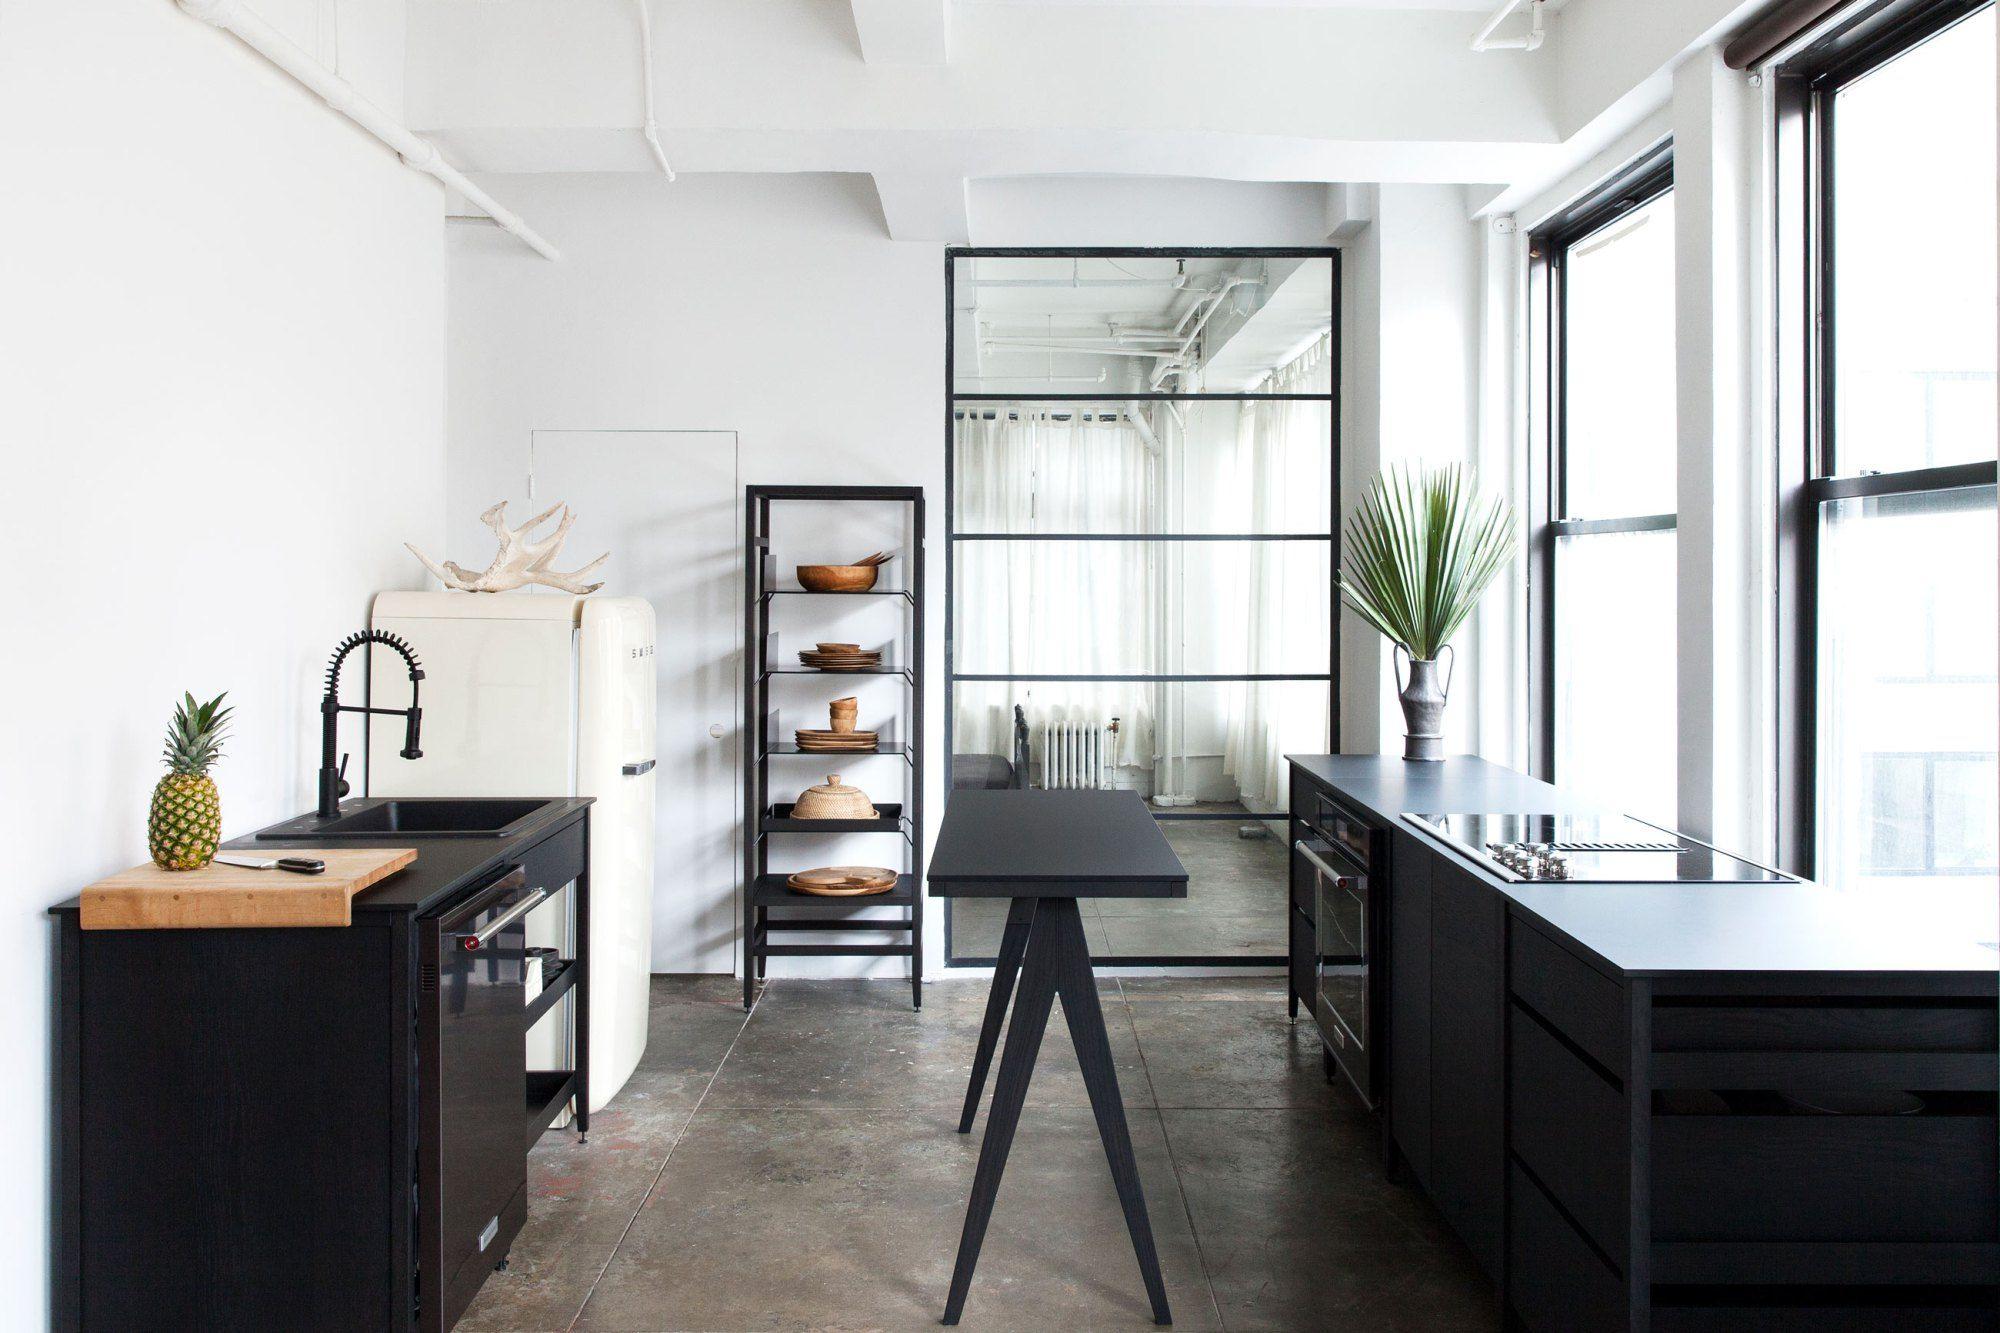 Witness Apartment lance un nouveau partenariat de cuisine | Trendland Online Magazine Organiser le Web depuis 2006